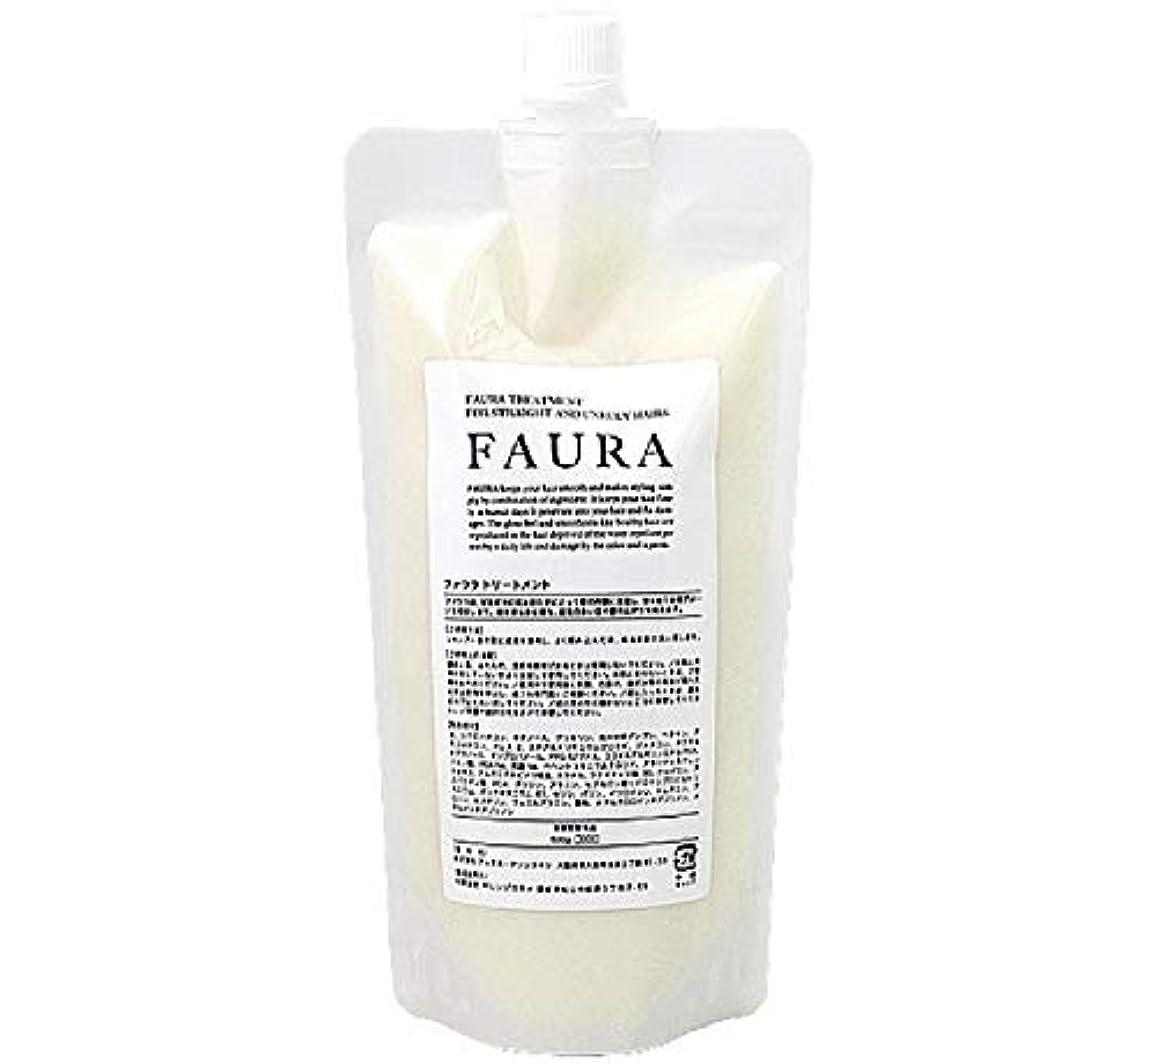 空中壁講義【発売1年で3万本の売上】FAURA ファウラ ヘアトリートメント (傷んだ髪に) 詰替500g 【サロン専売品】